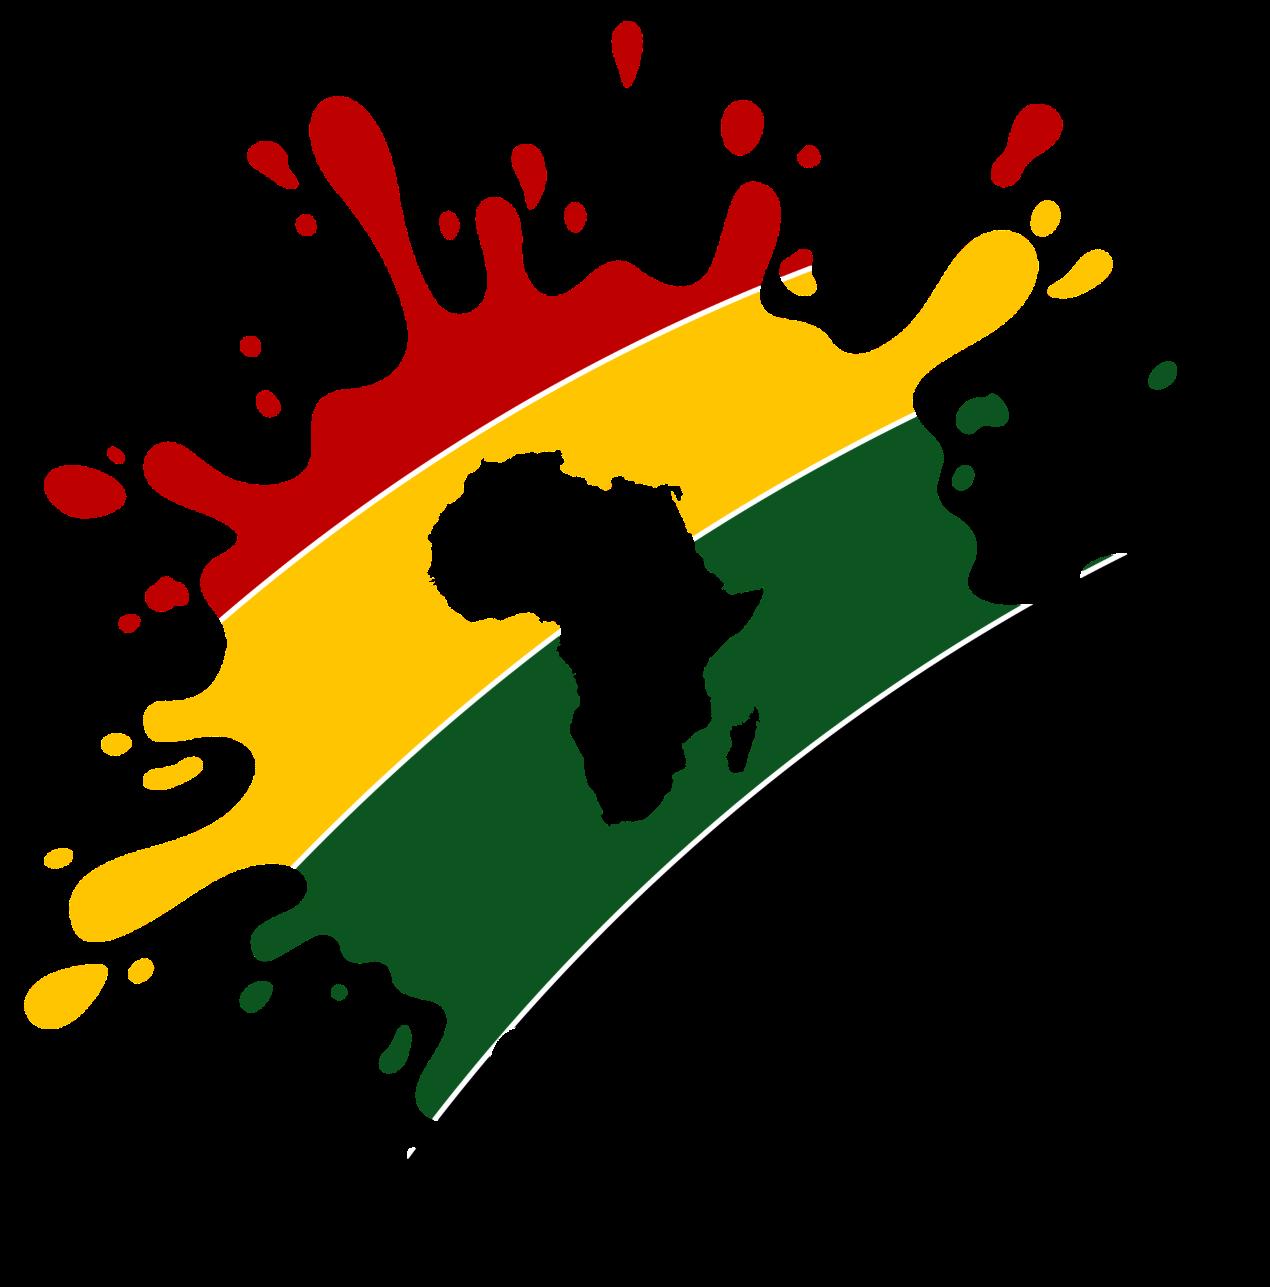 Afrisplash main logo